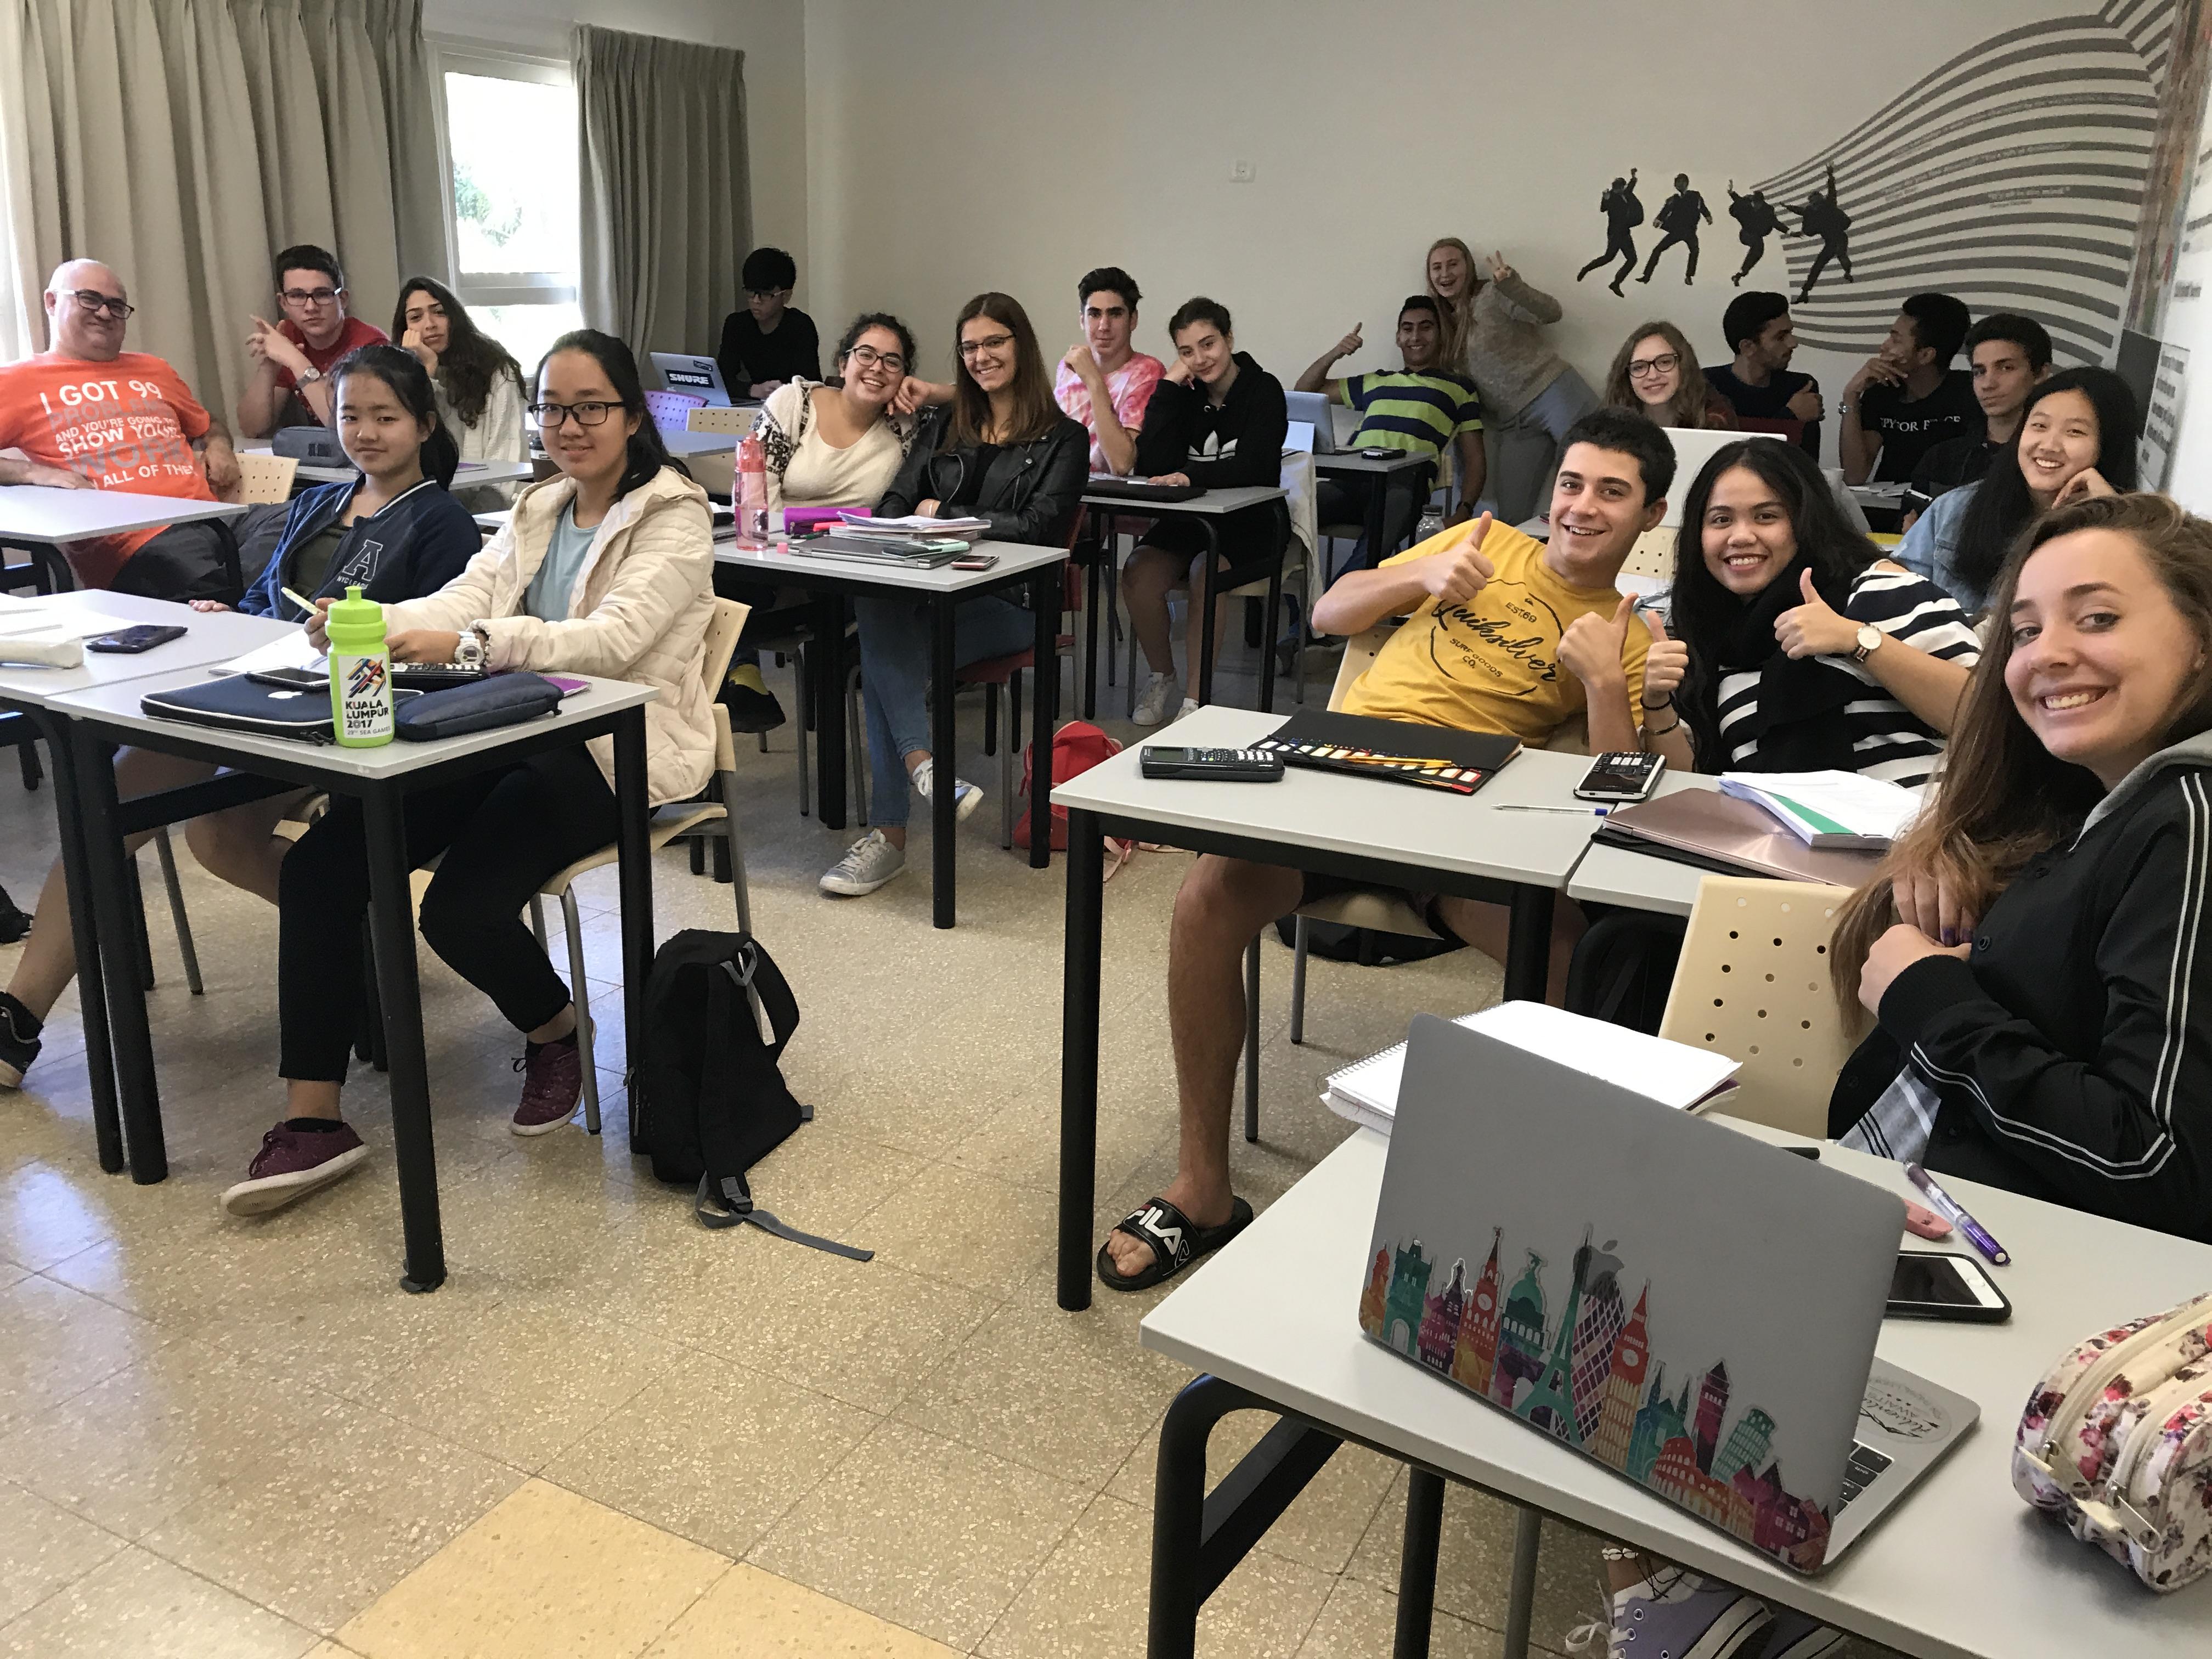 Opiskelijat odottavat innolla suomalaista vahvistusta joukkoonsa. Kuva: Anna Puustinen